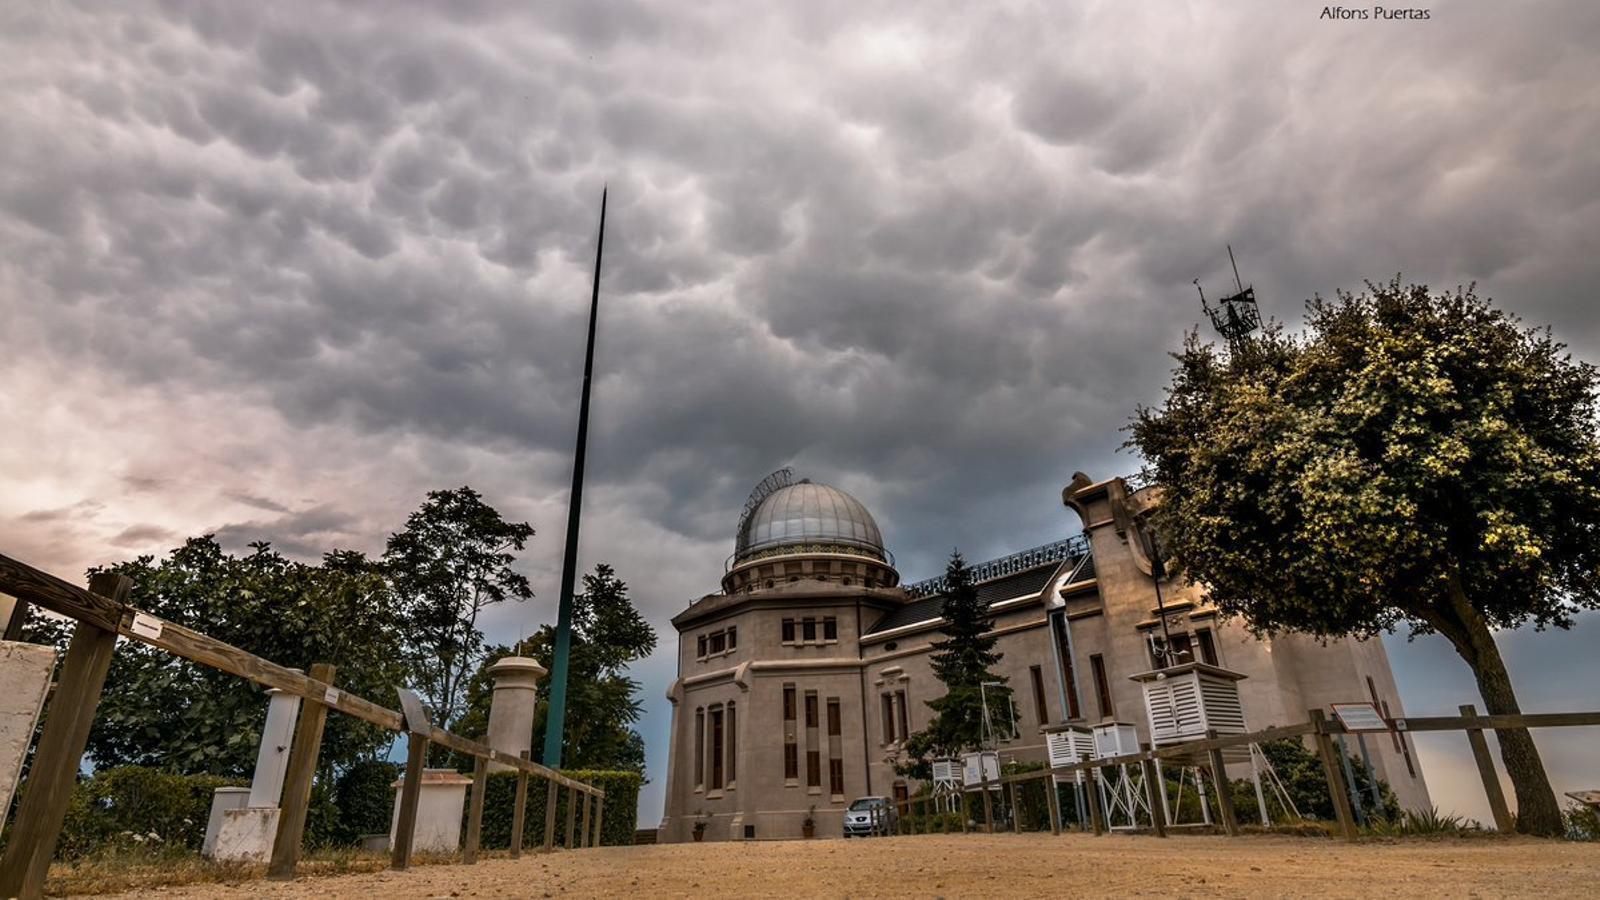 L'Observatori Fabra ja és una estació centenària de l'Organització Meteorològica Mundial